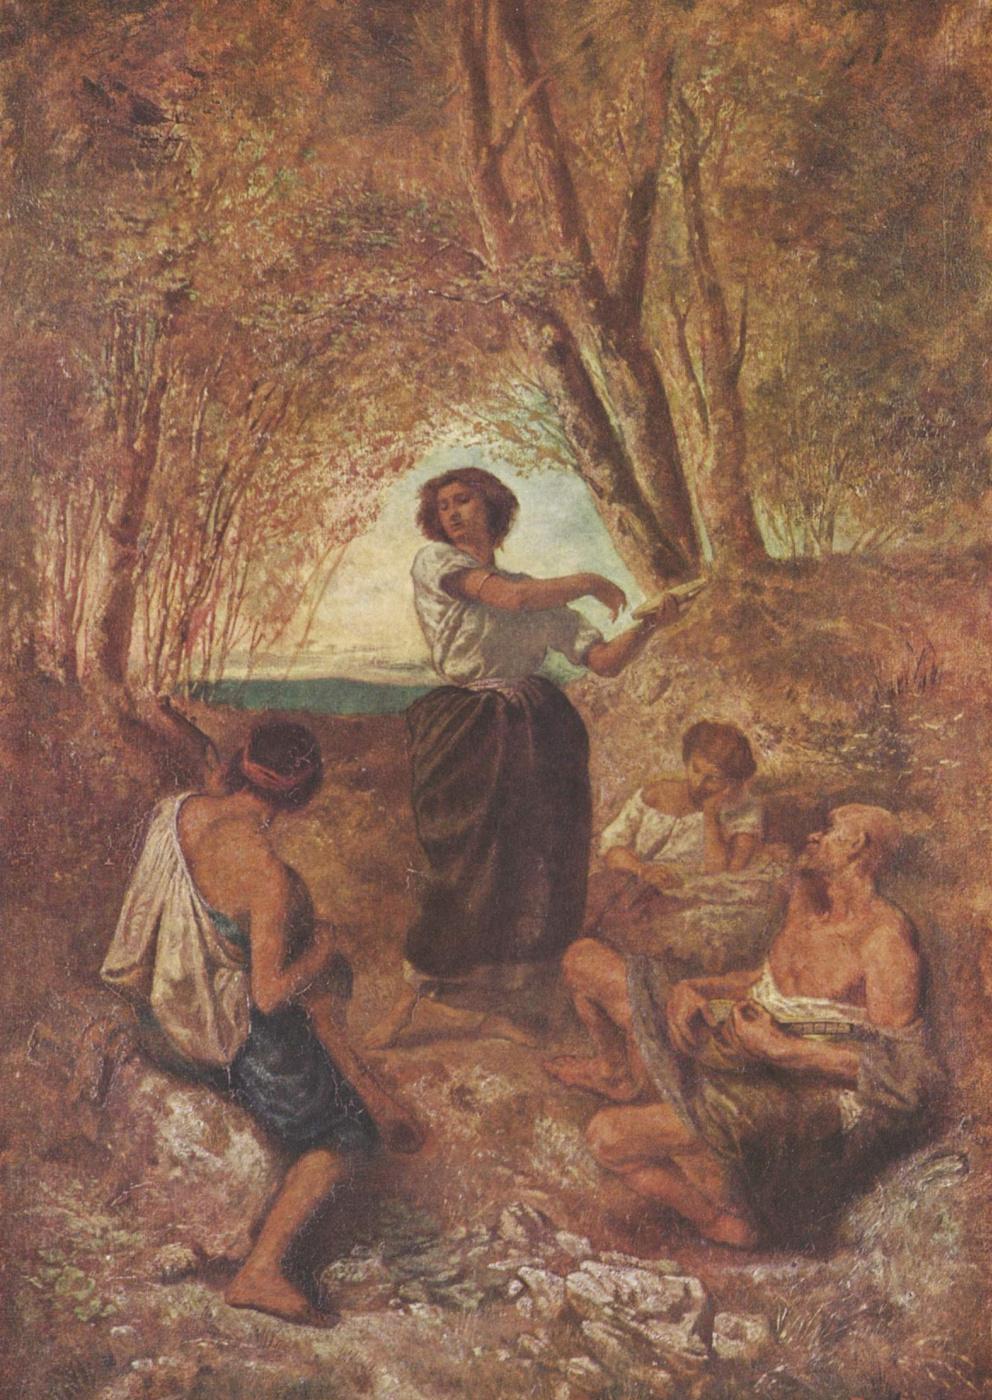 Anselm Frederick Feuerbach. Gypsy dance